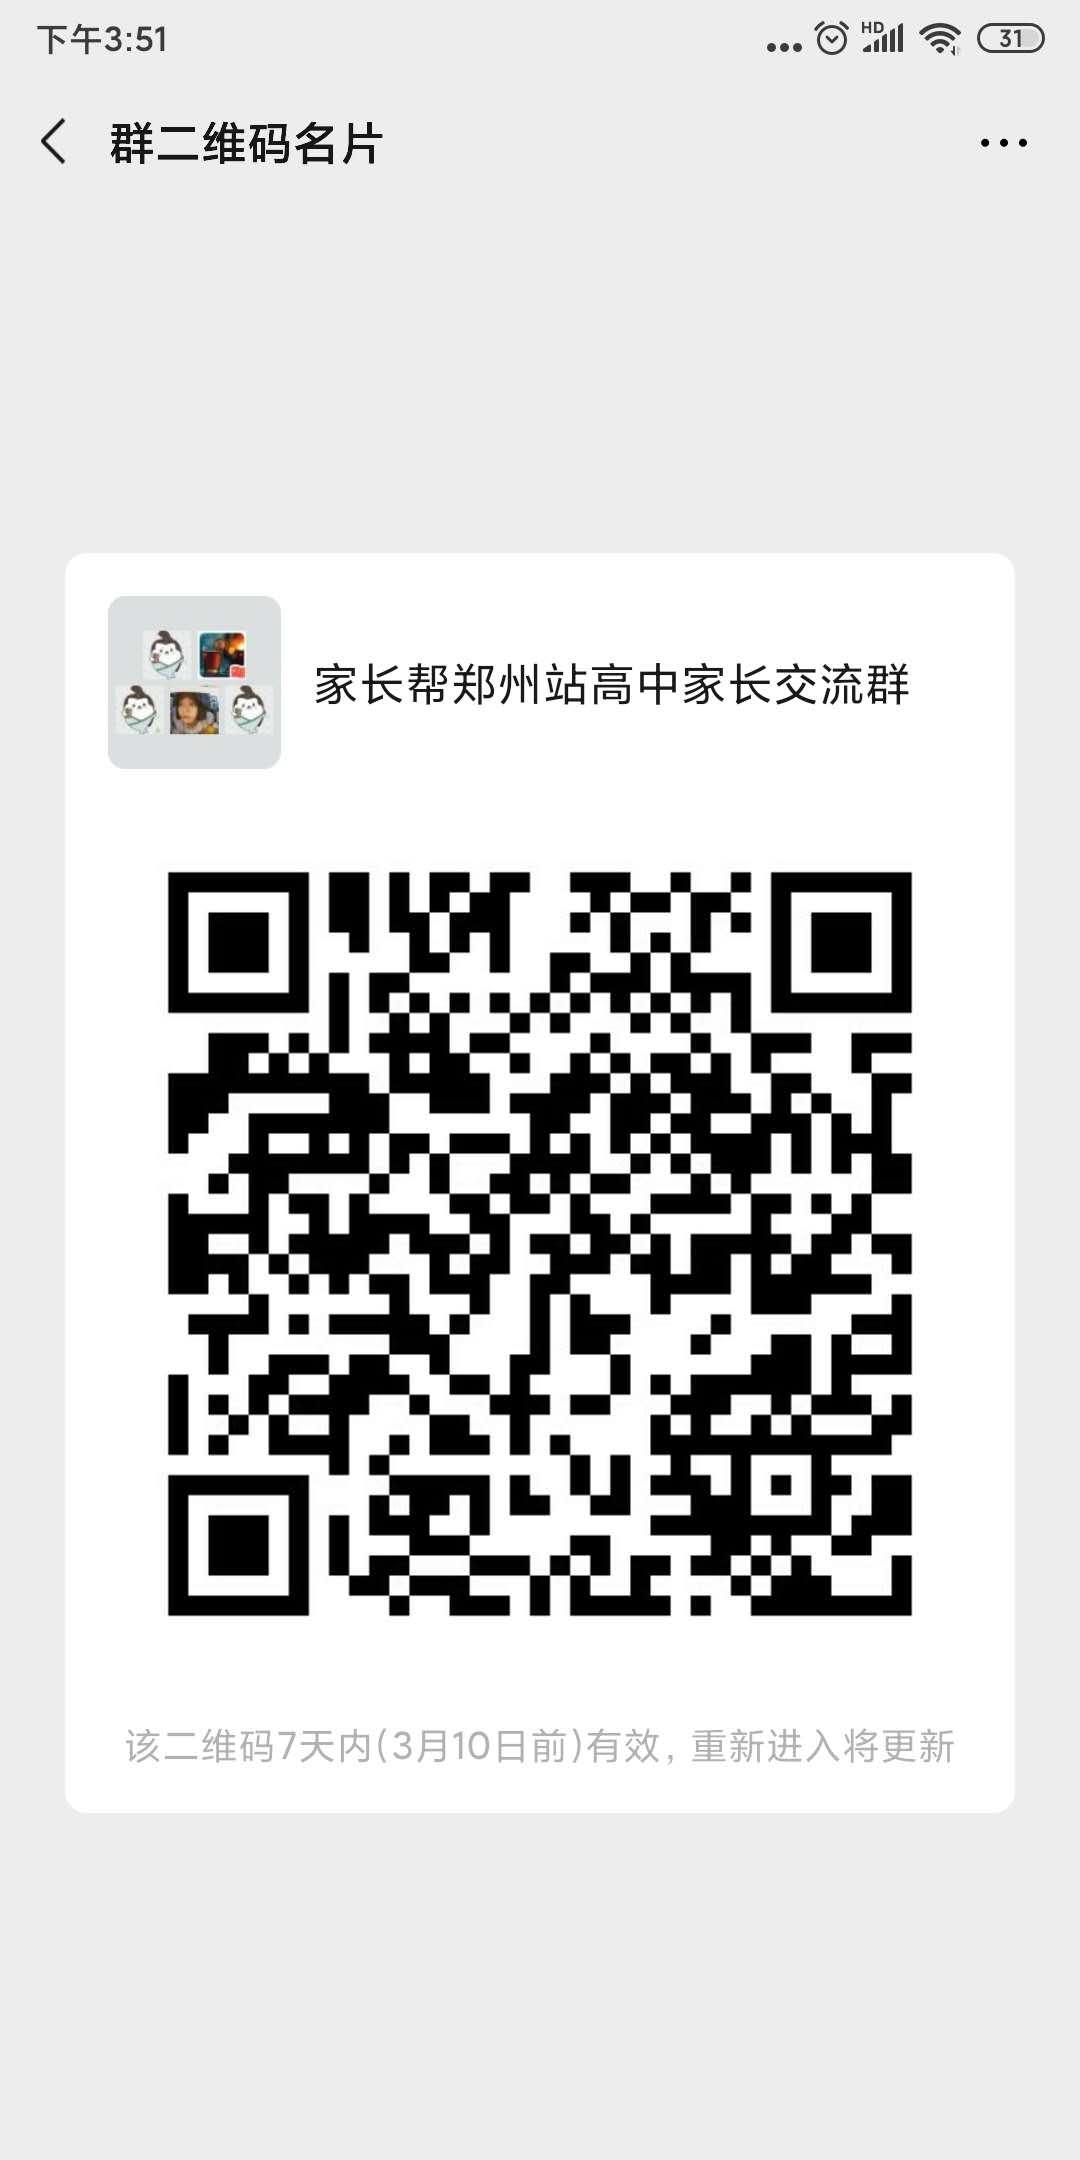 微信图片_20200303155306.jpg